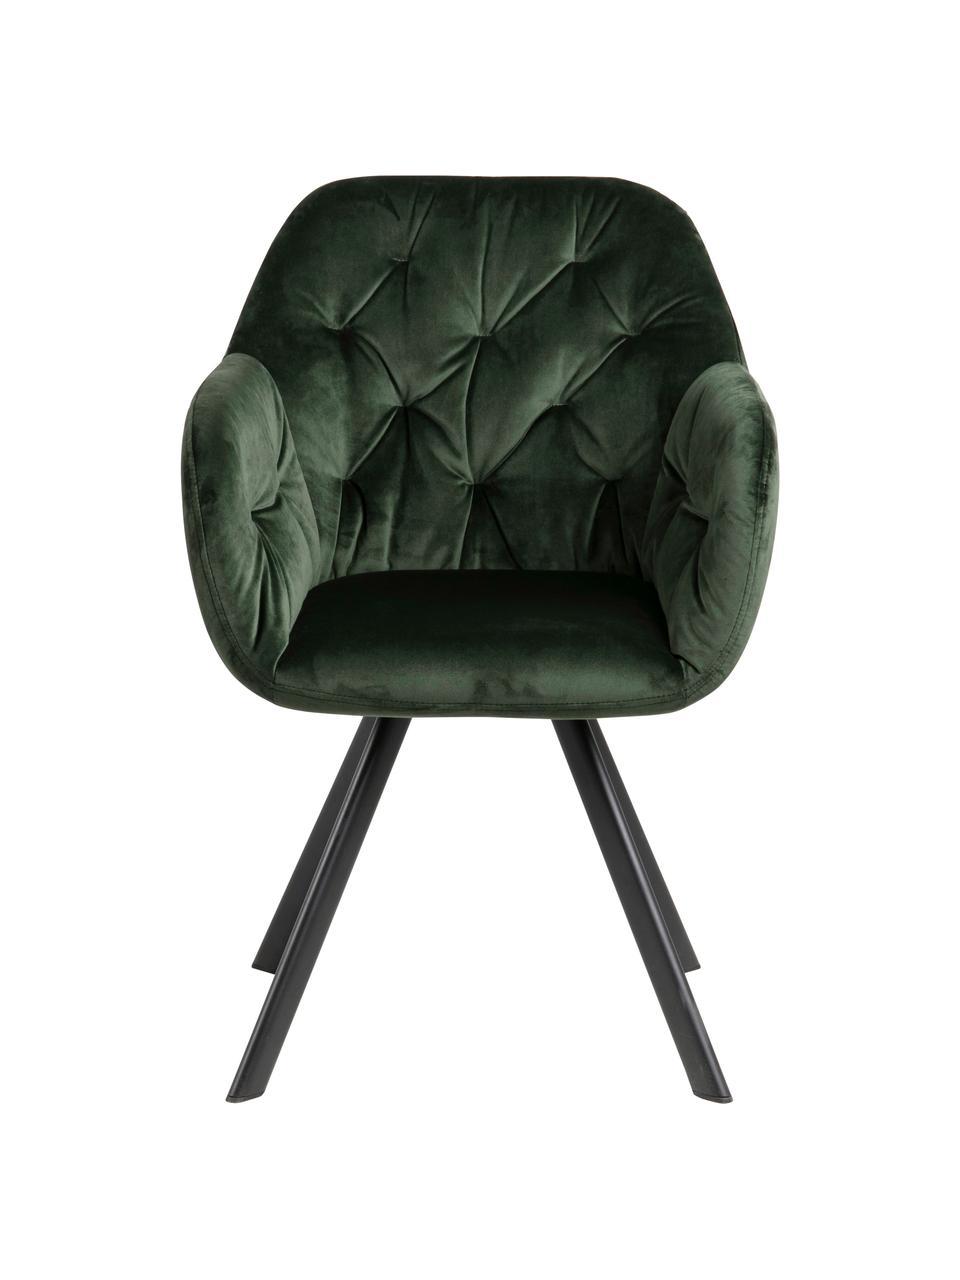 Draaibare fluwelen armstoel Lucie in groen, Bekleding: polyester fluweel, Poten: gepoedercoat metaal, Fluweel bosgroen, B 58 x D 62 cm